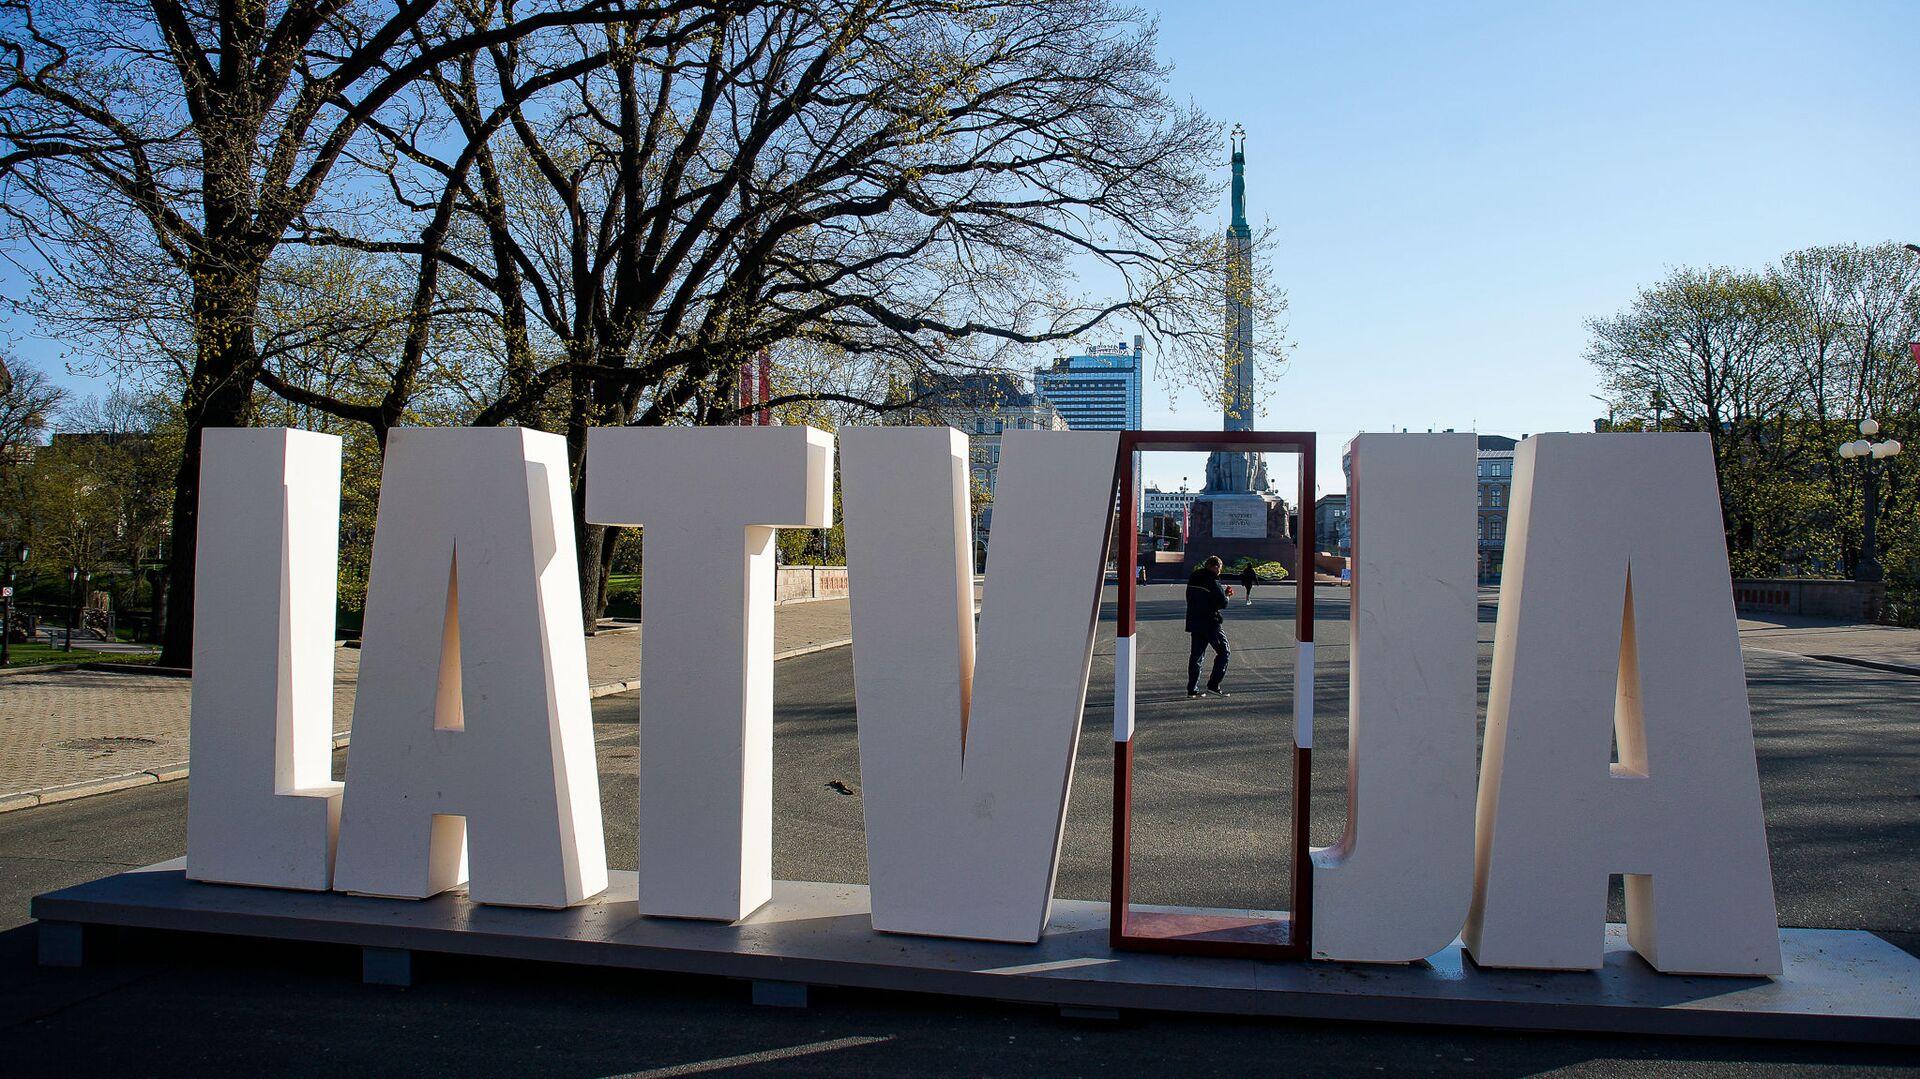 Арт-объект Латвия у памятника Свободы - Sputnik Latvija, 1920, 30.05.2021